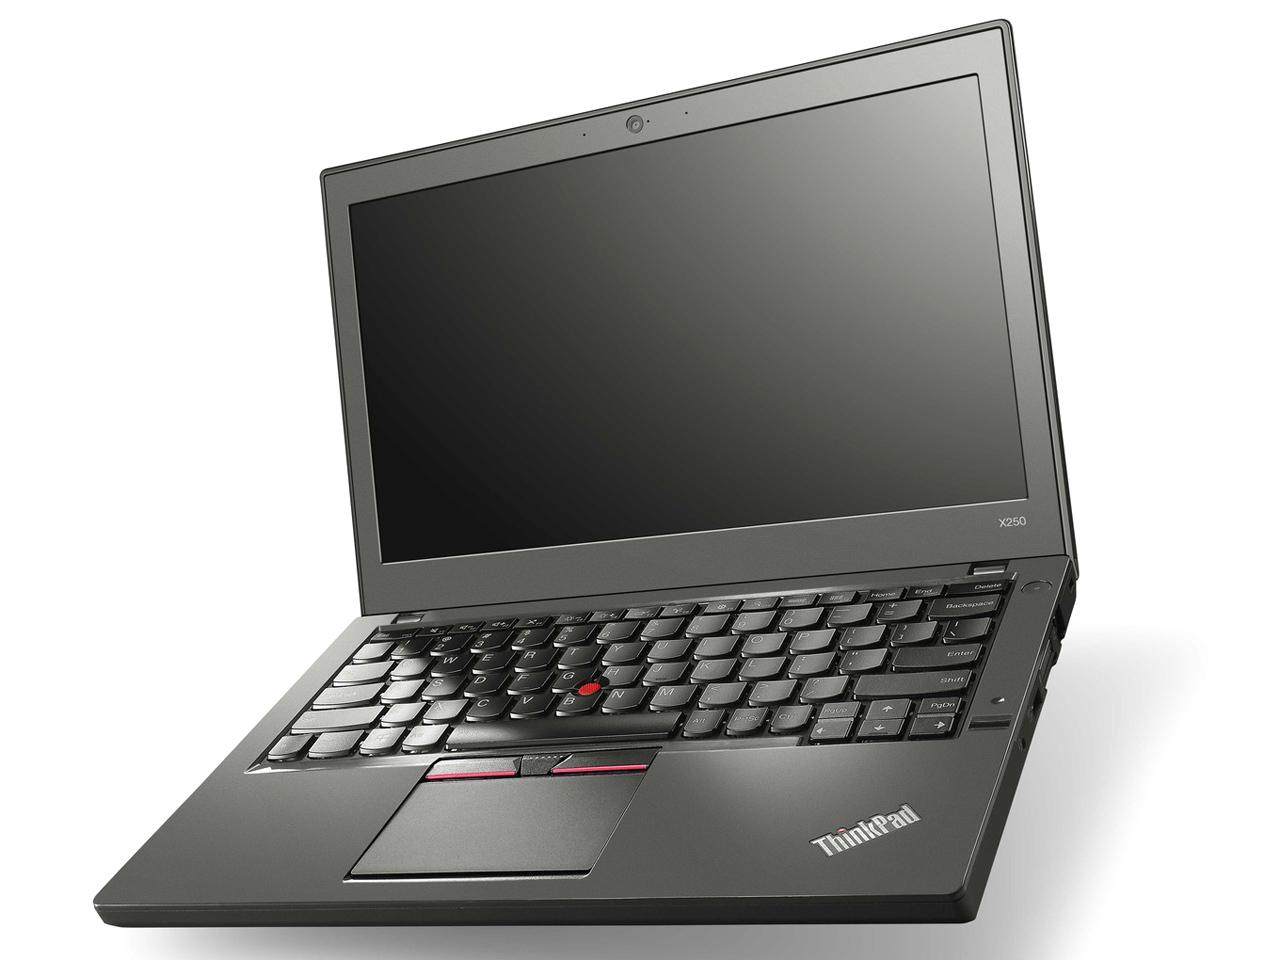 REFURBISED NB LENOVO X250 I5-5200 4GB 256GB SSD 12,5 WIN 10 PRO